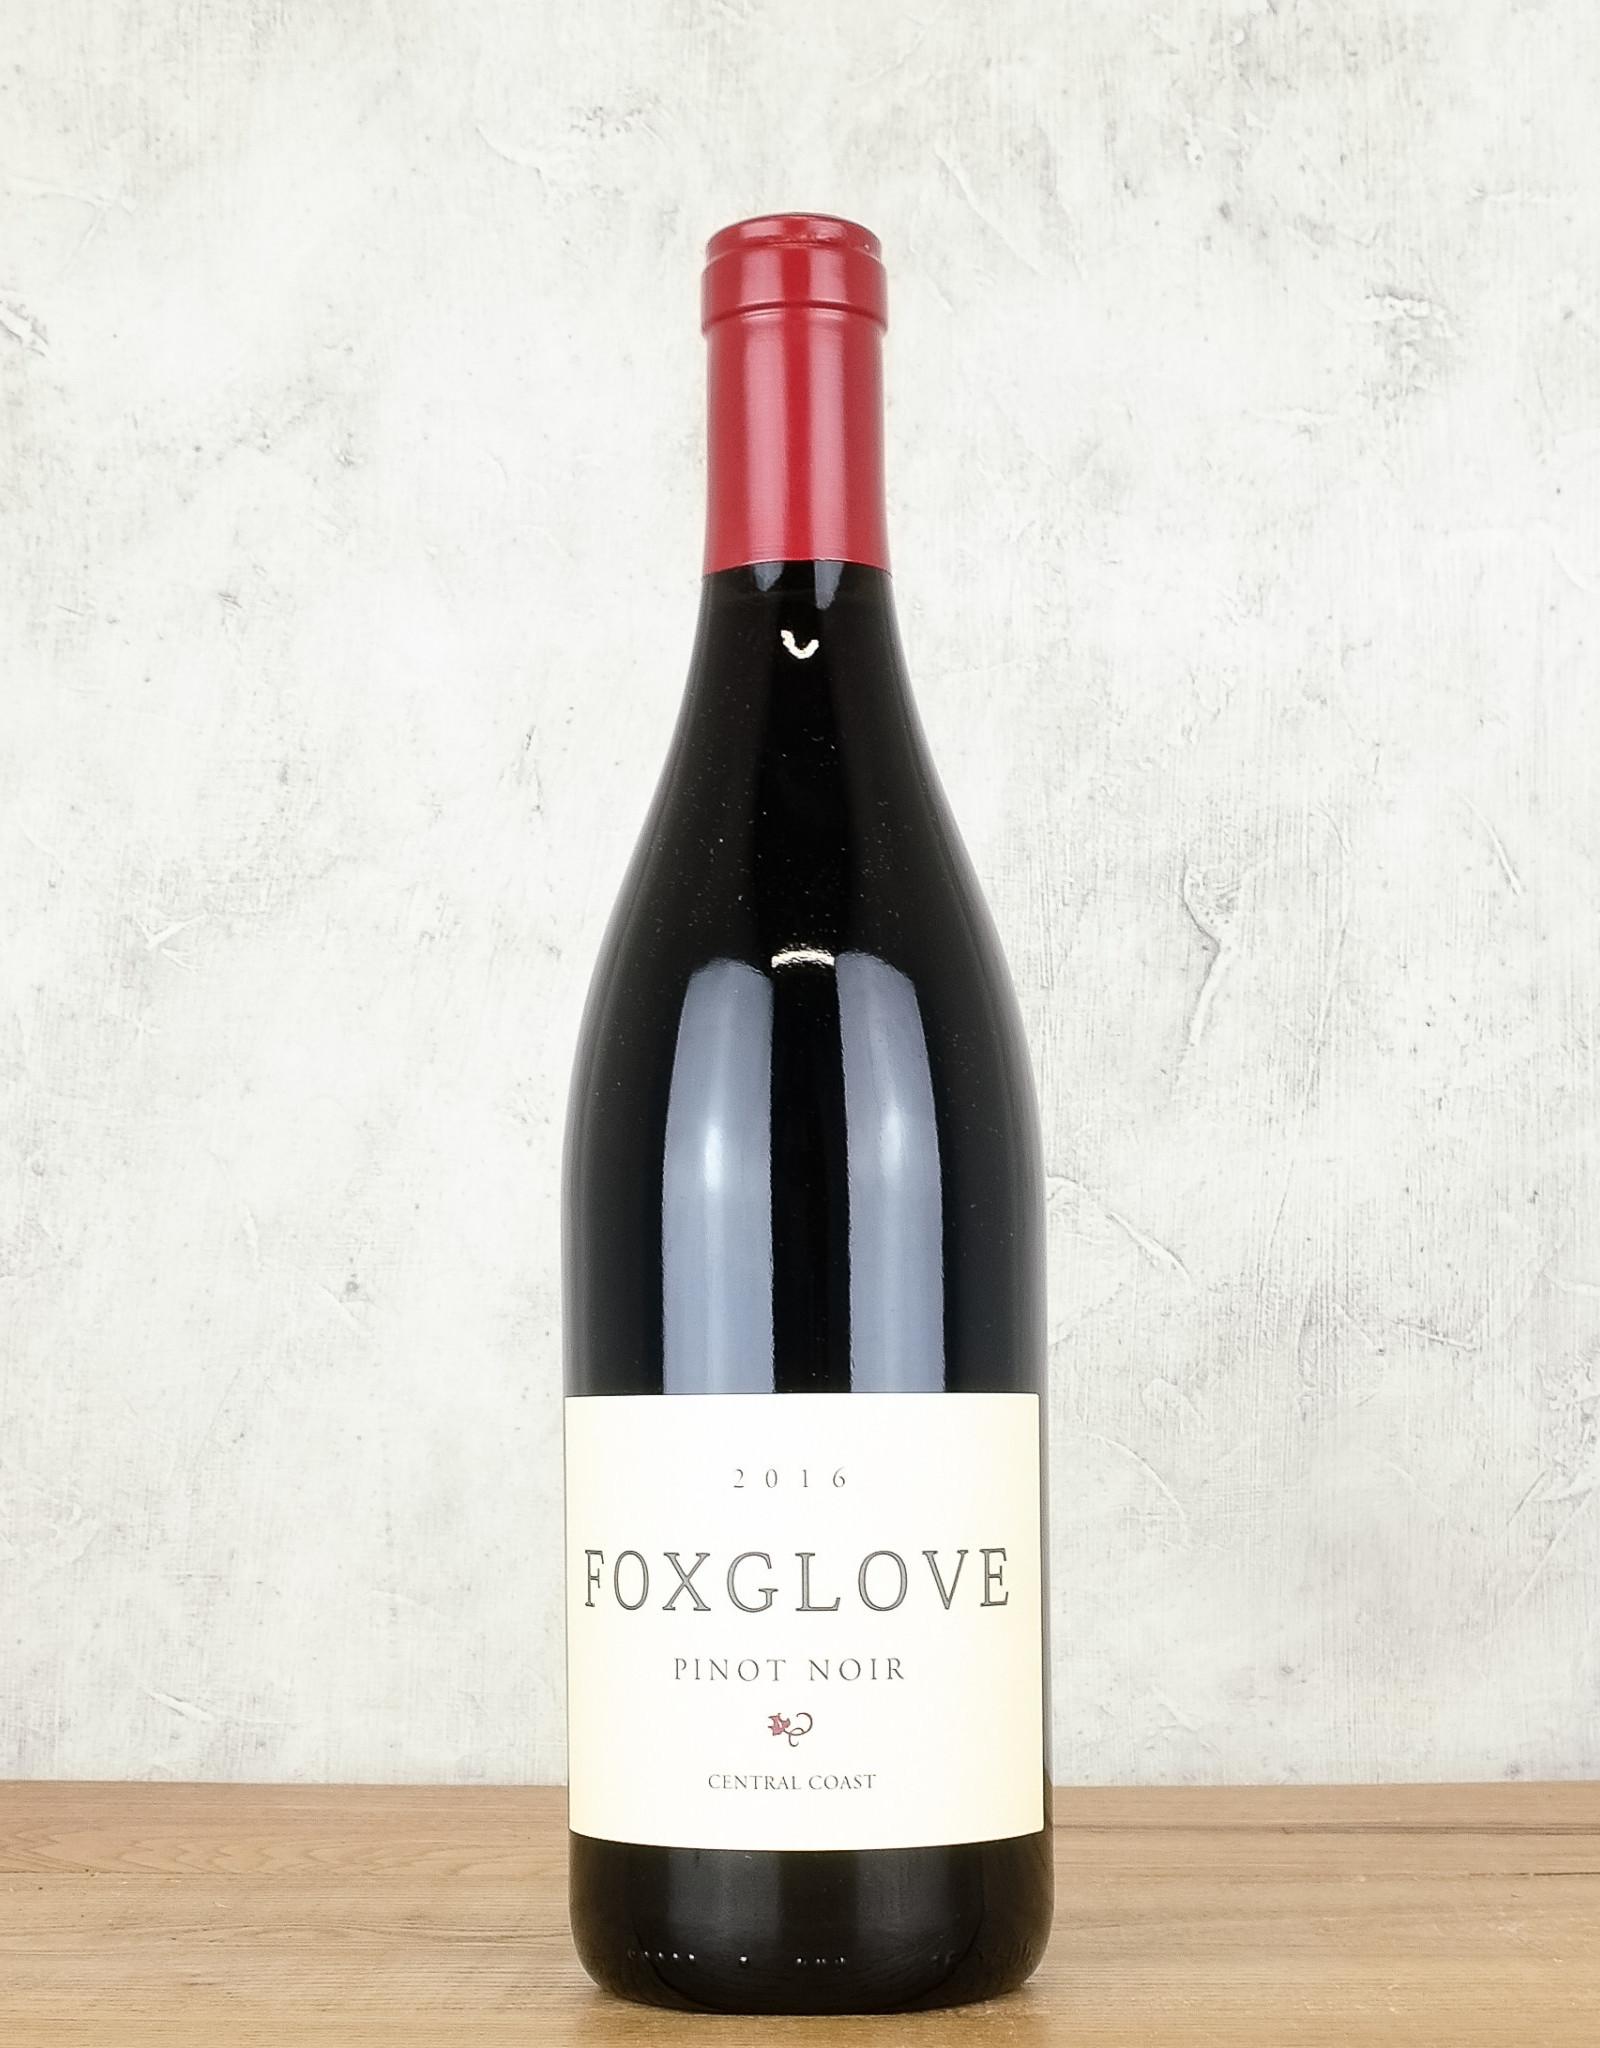 Foxglove Pinot Noir